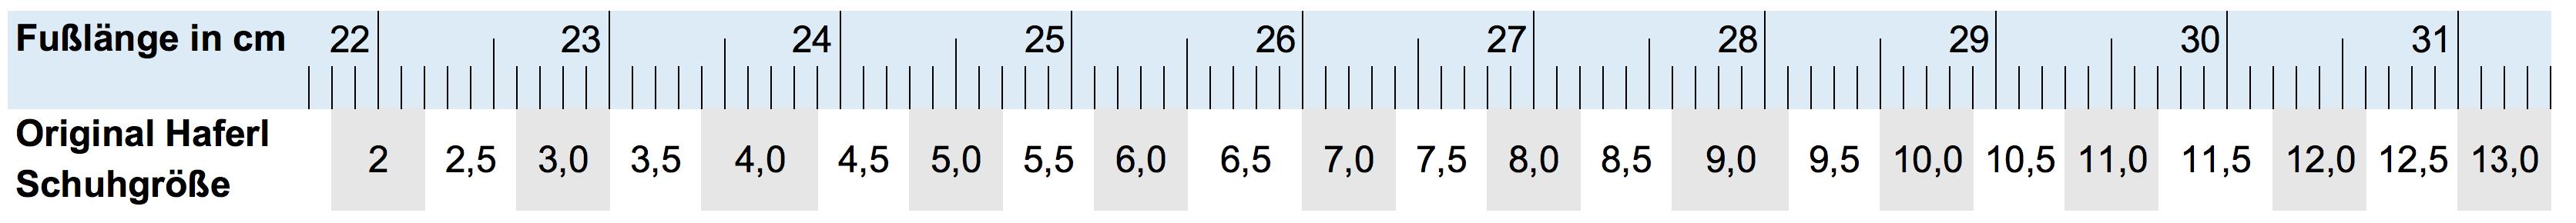 Tabelle Fußlänge